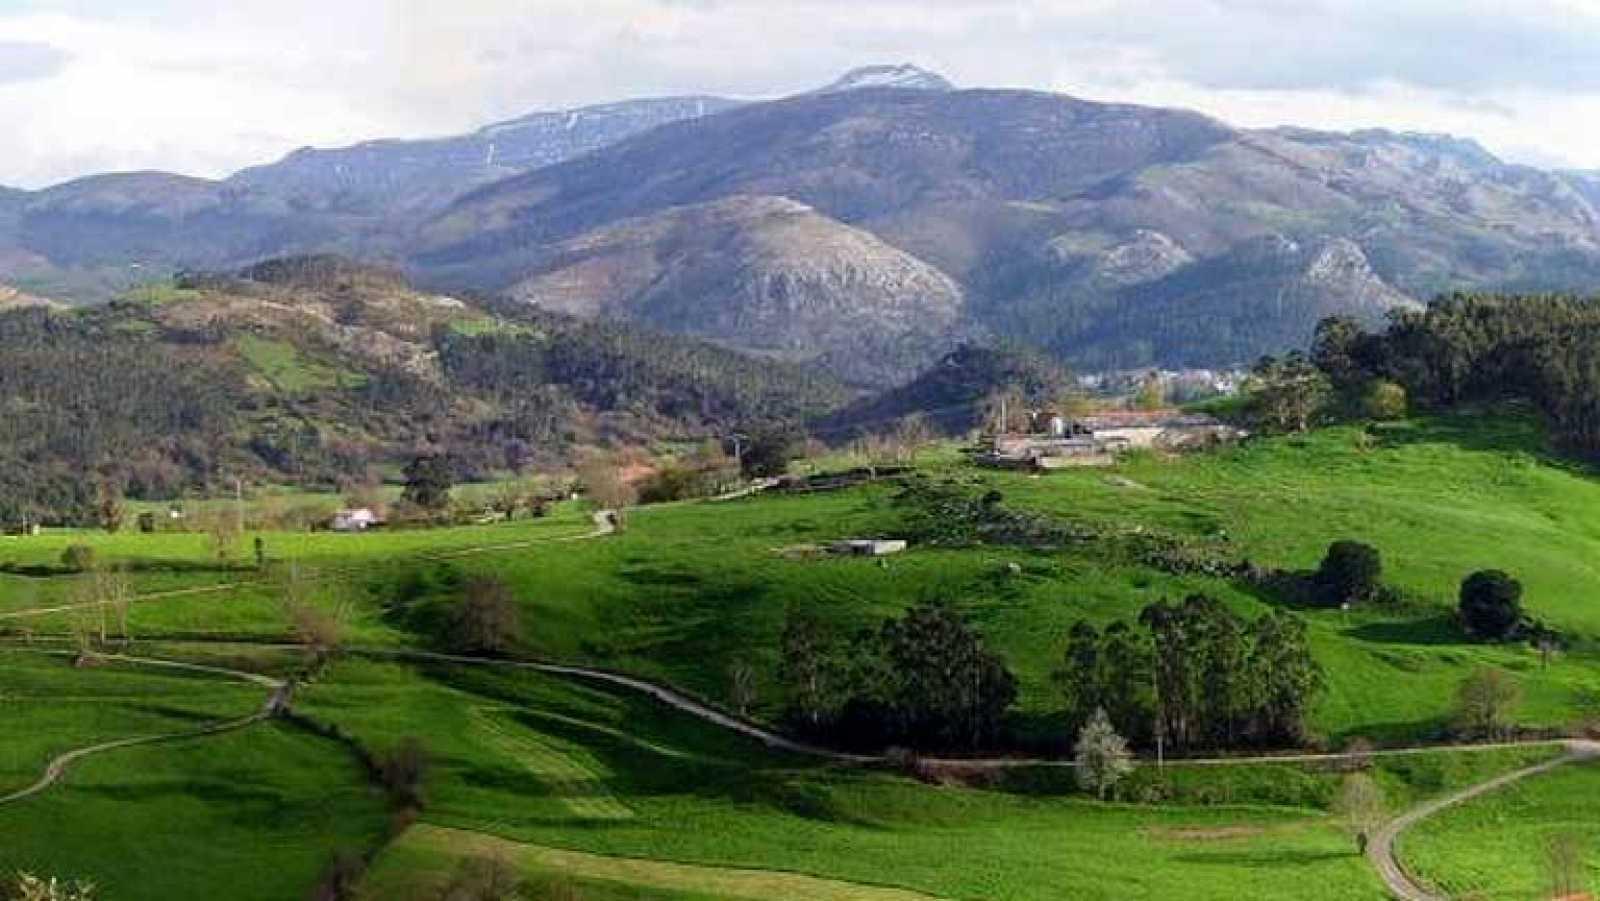 Zoom Tendencias - Cantabria, una escapada para todos los gustos -12/10/13 - ver ahora